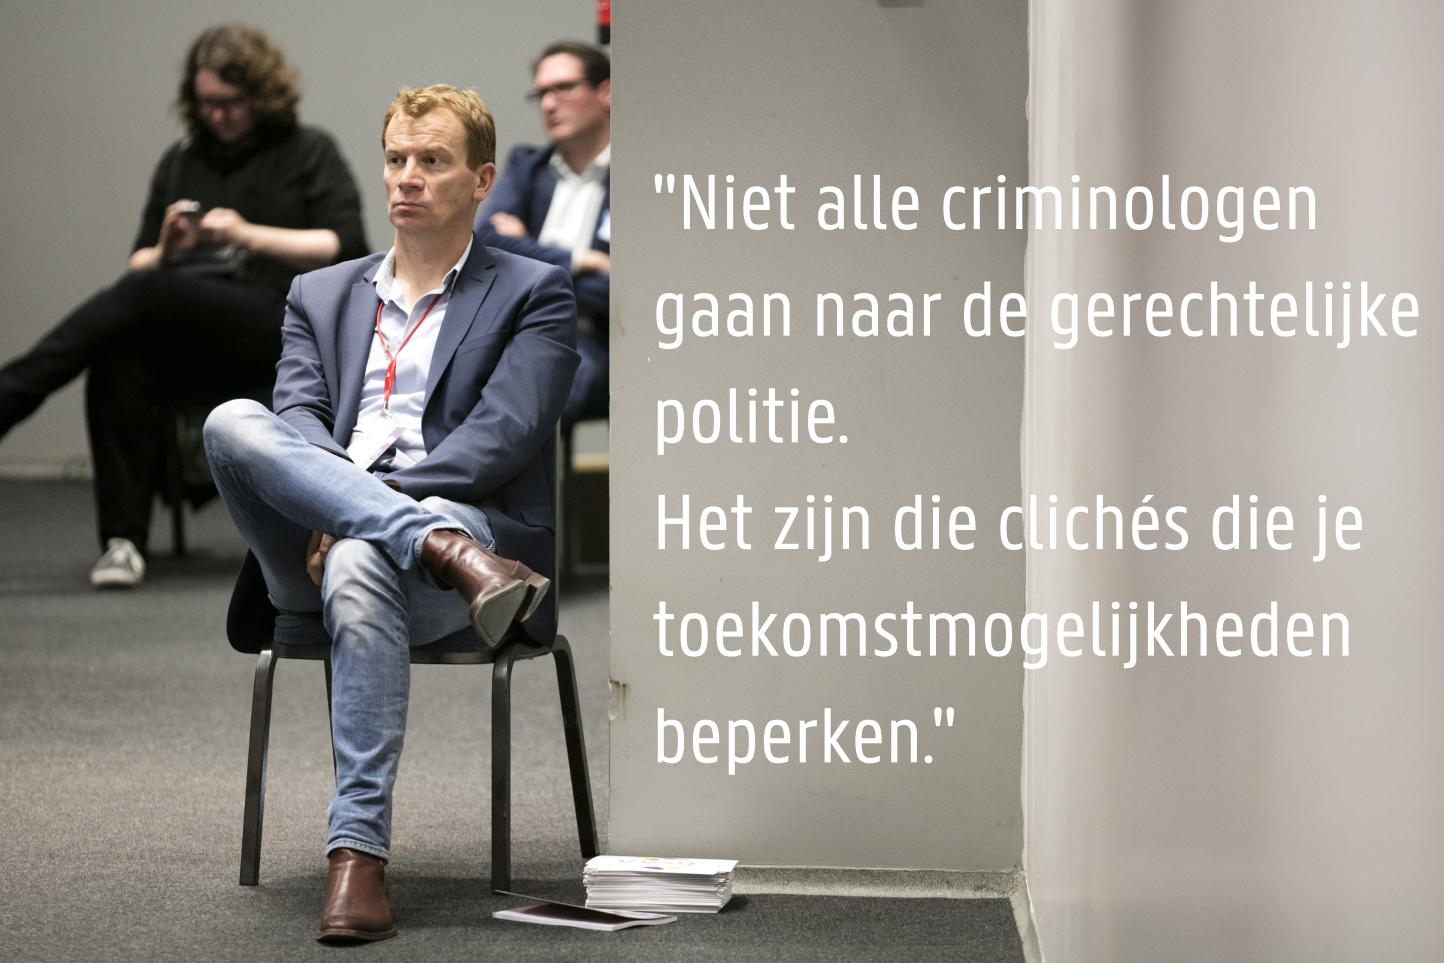 Koen Van Heddeghem - Stafmedewerker-diensthoofd lokale politie & veiligheid - Vereniging van Vlaamse Steden en Gemeenten